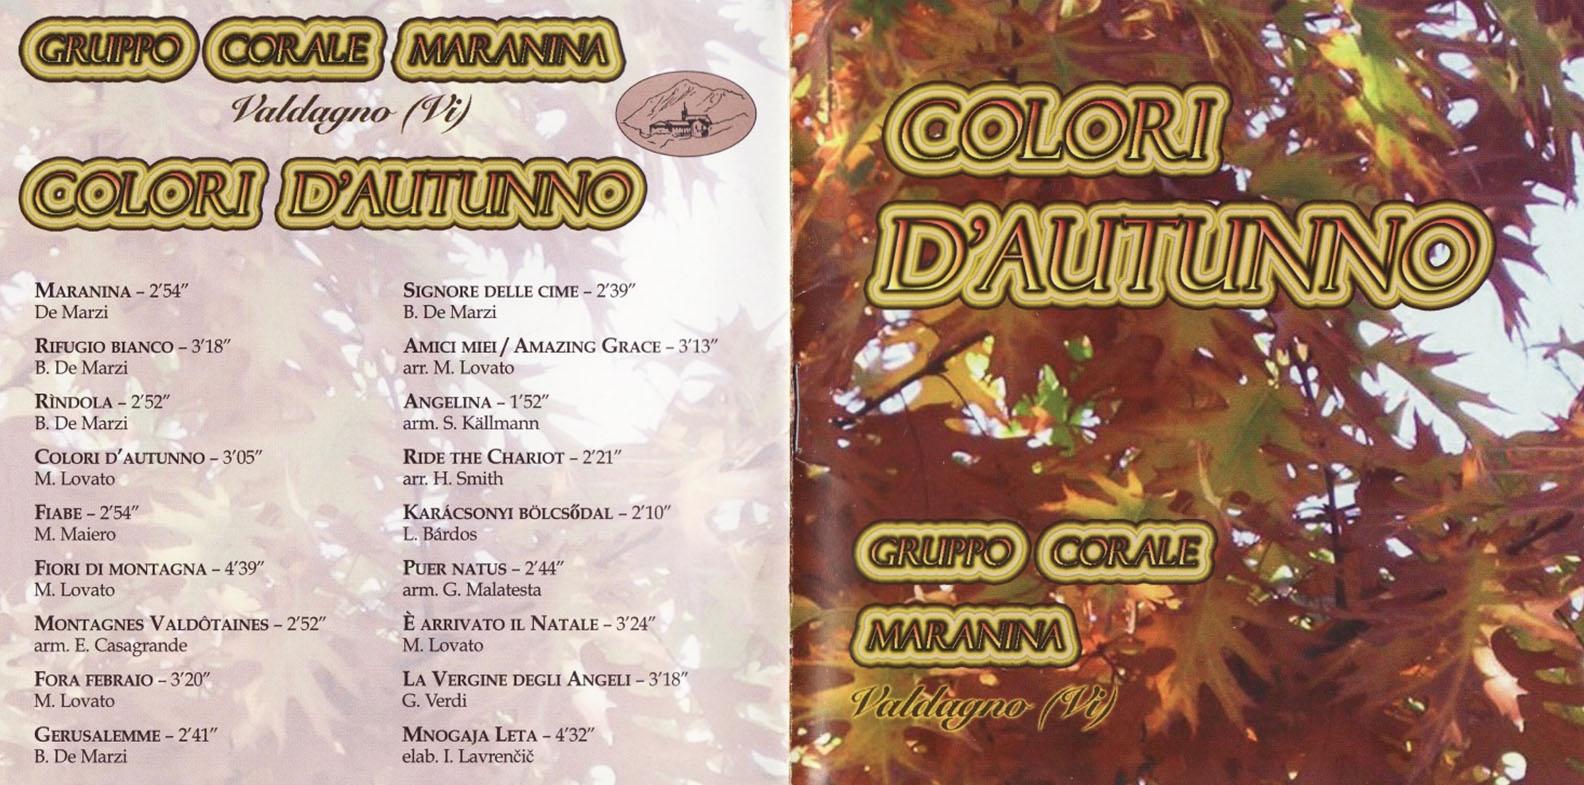 colori d'autunno gruppo corale maranina